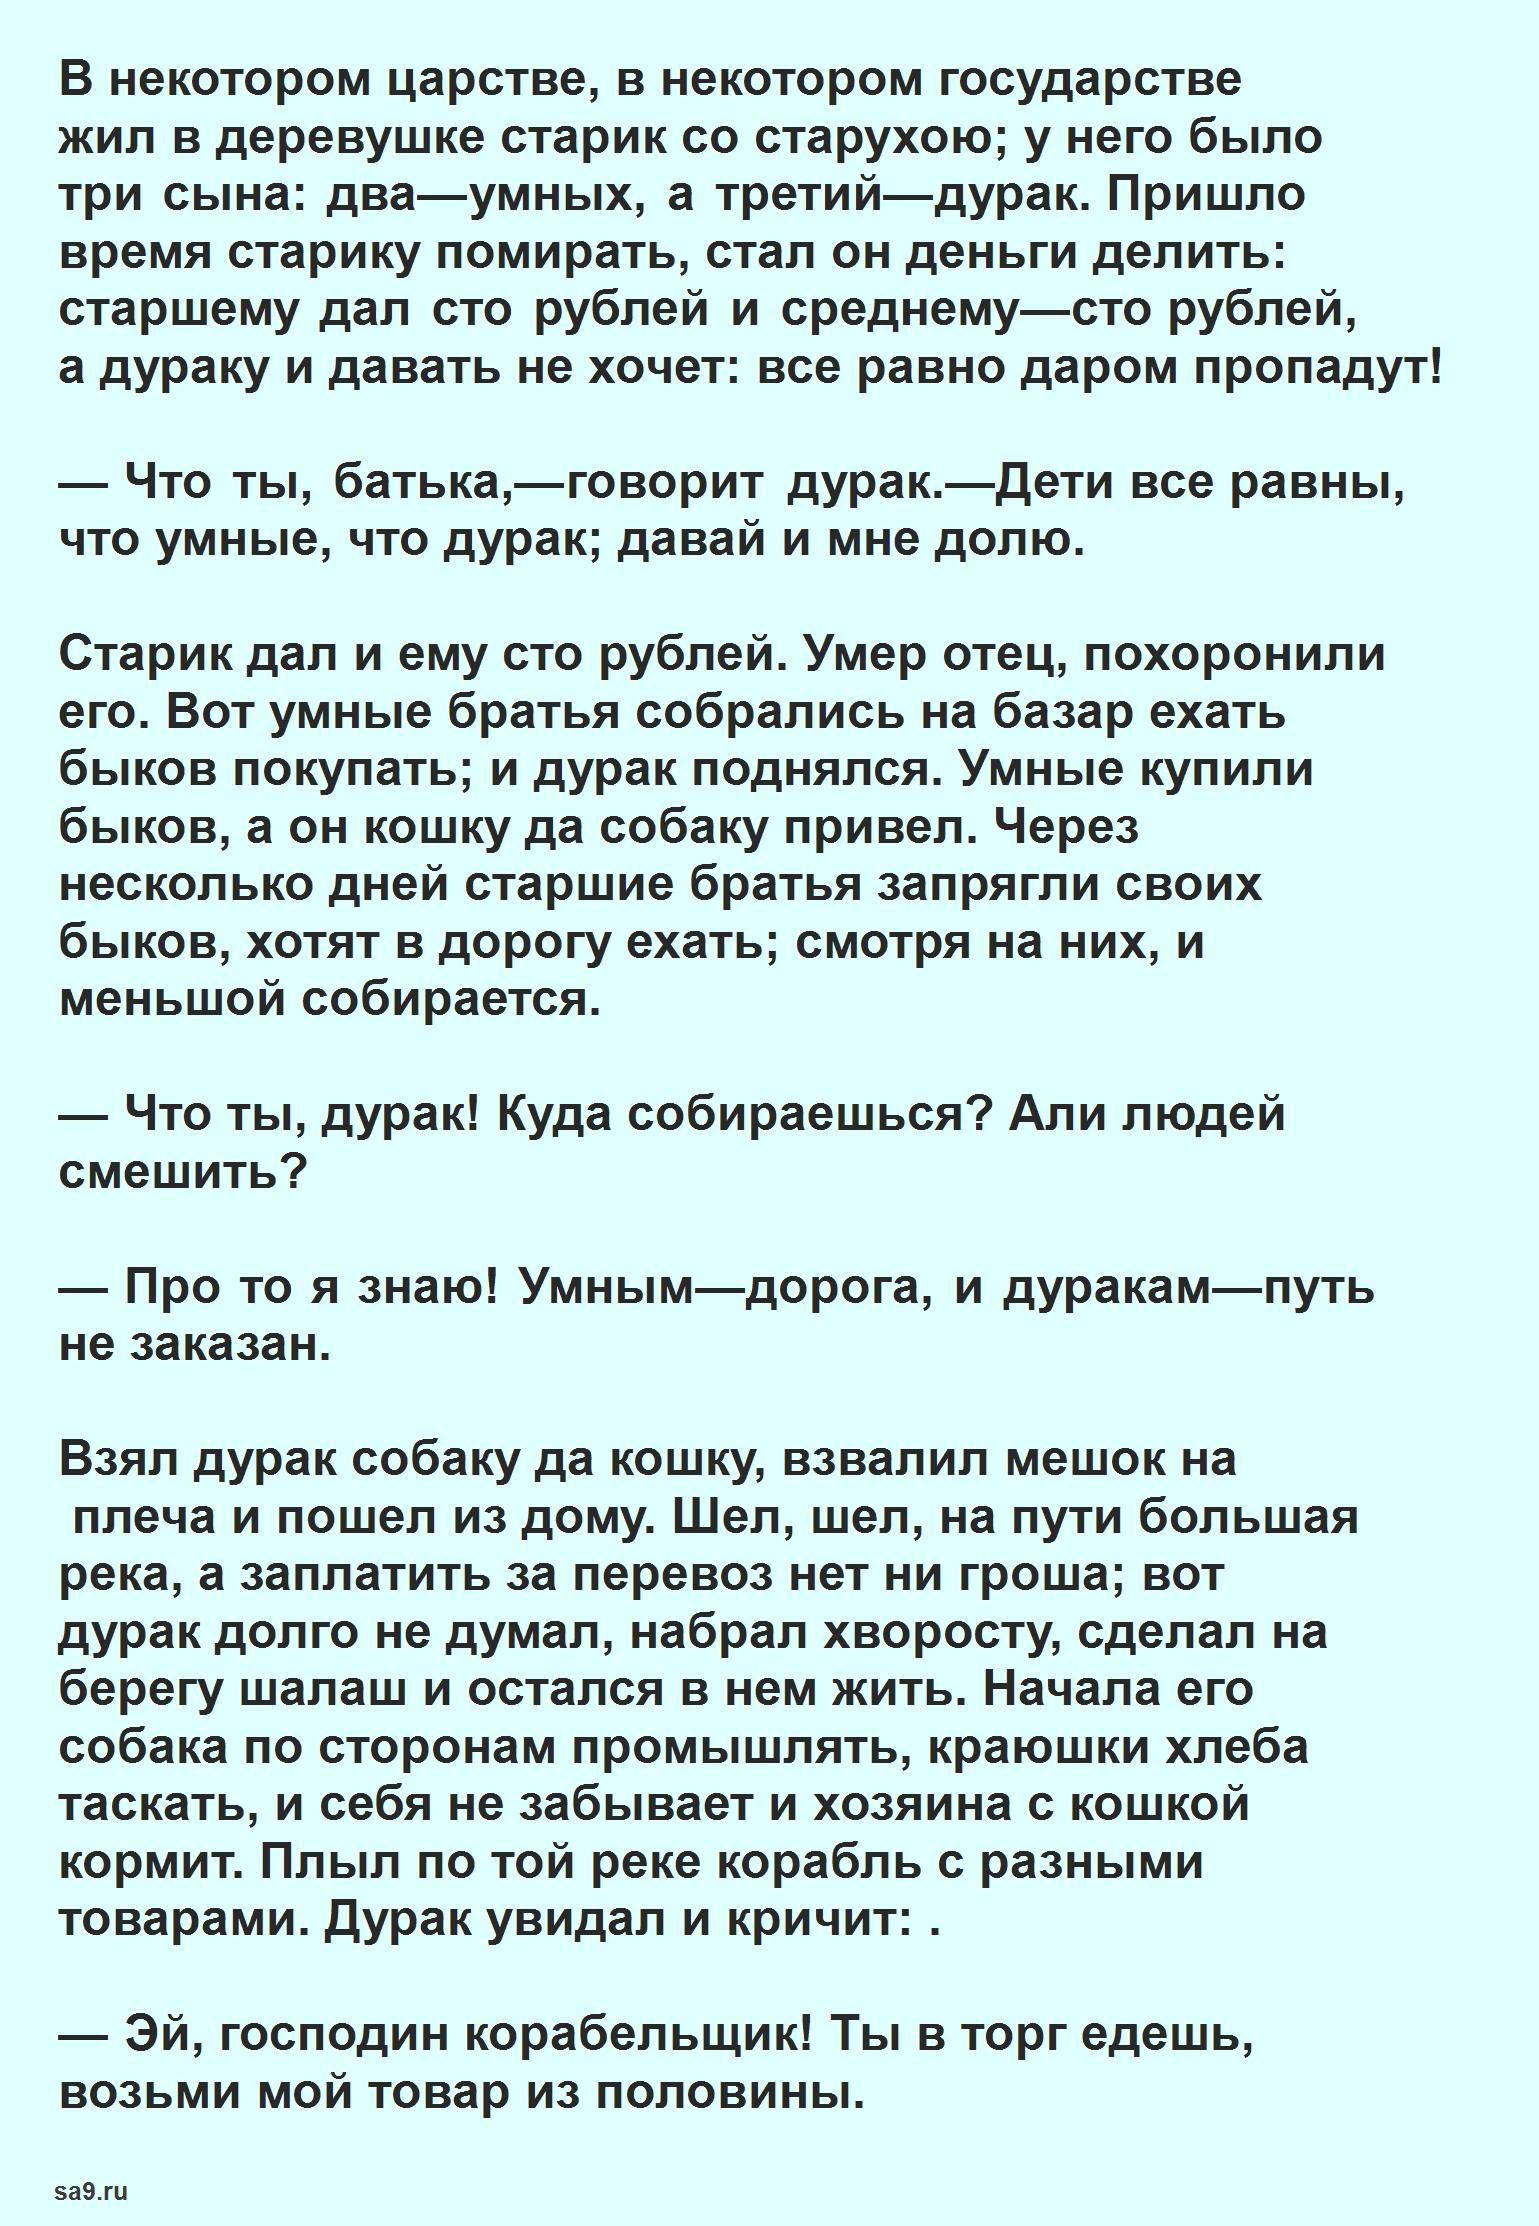 Мудрая жена - русская народная сказка